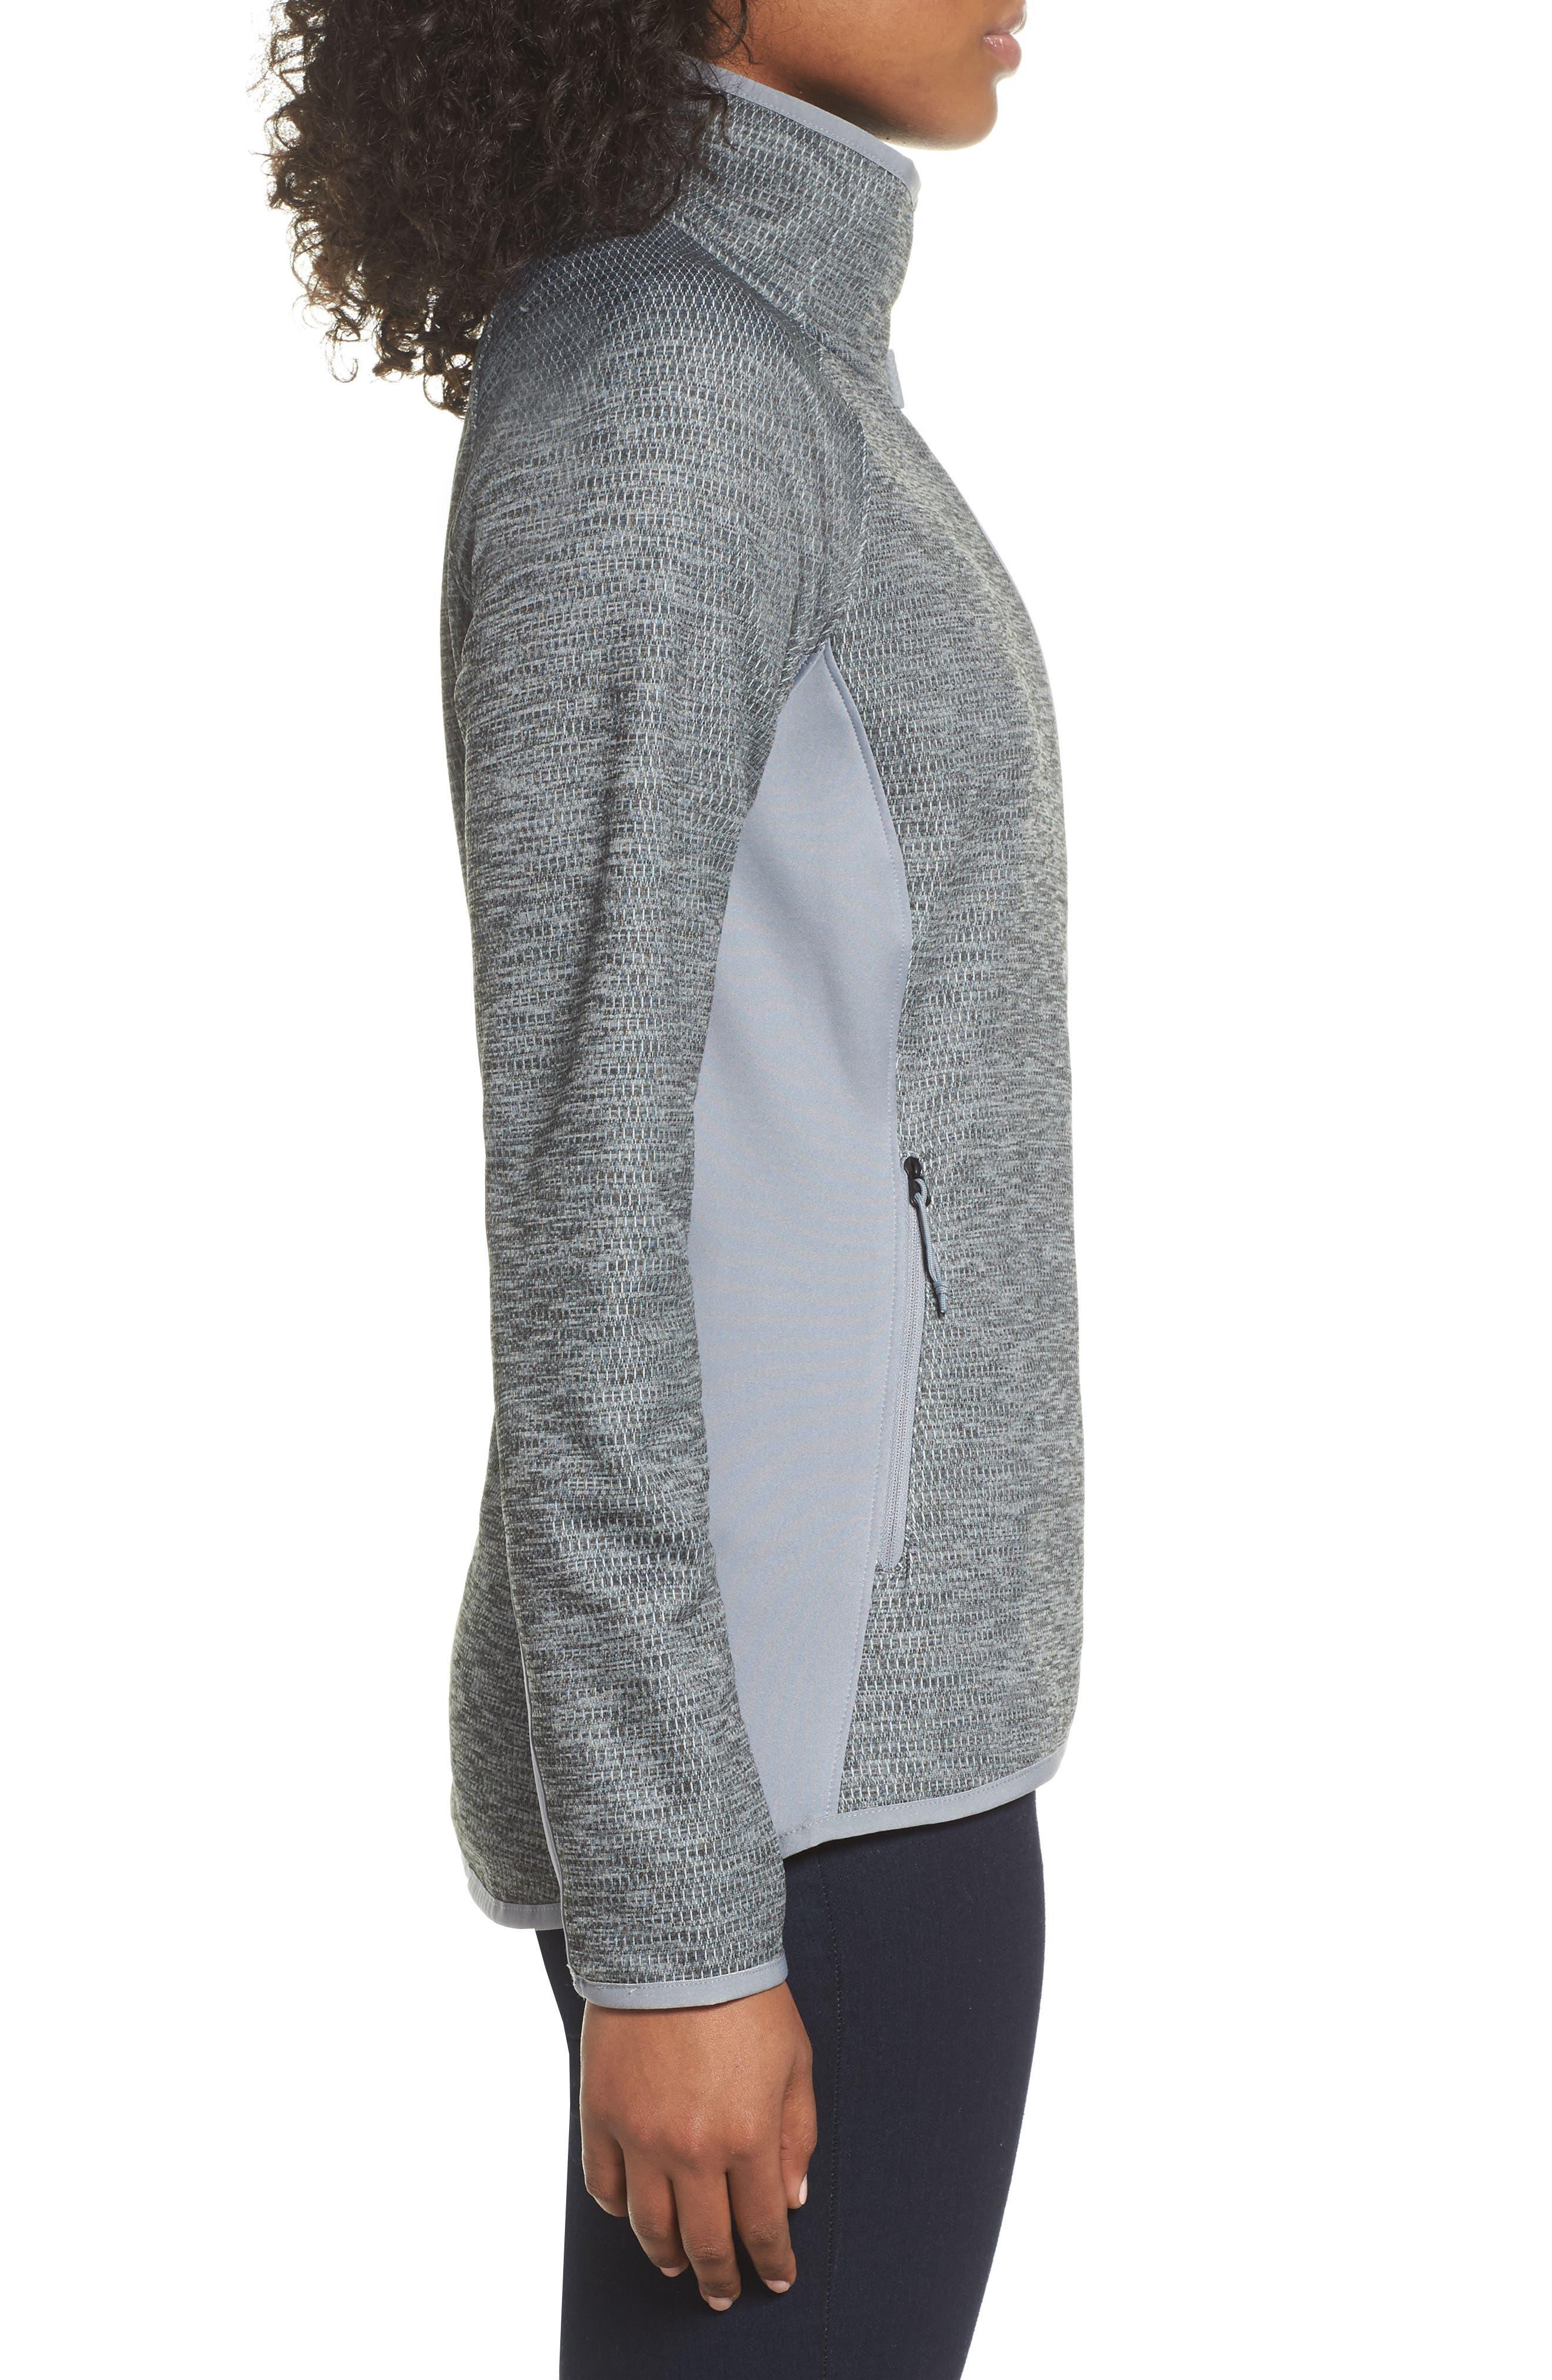 Arcata Zip Jacket,                             Alternate thumbnail 3, color,                             Tnf Mid Grey Heather/ Black